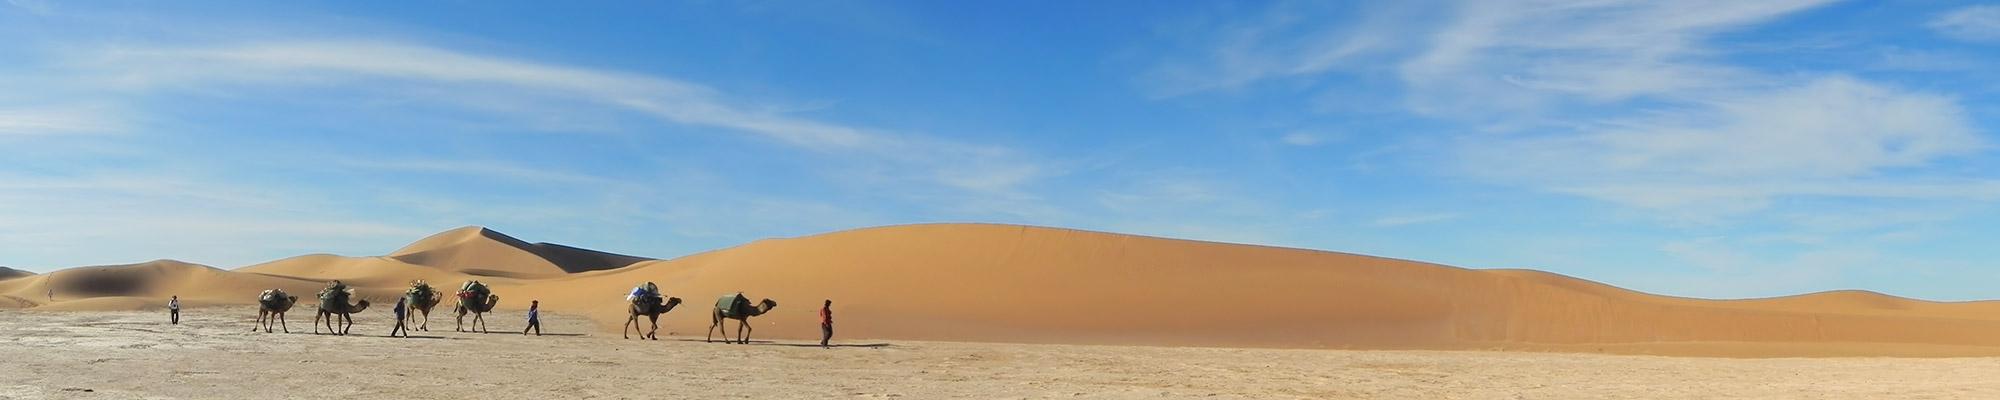 Marokko_Kopf3